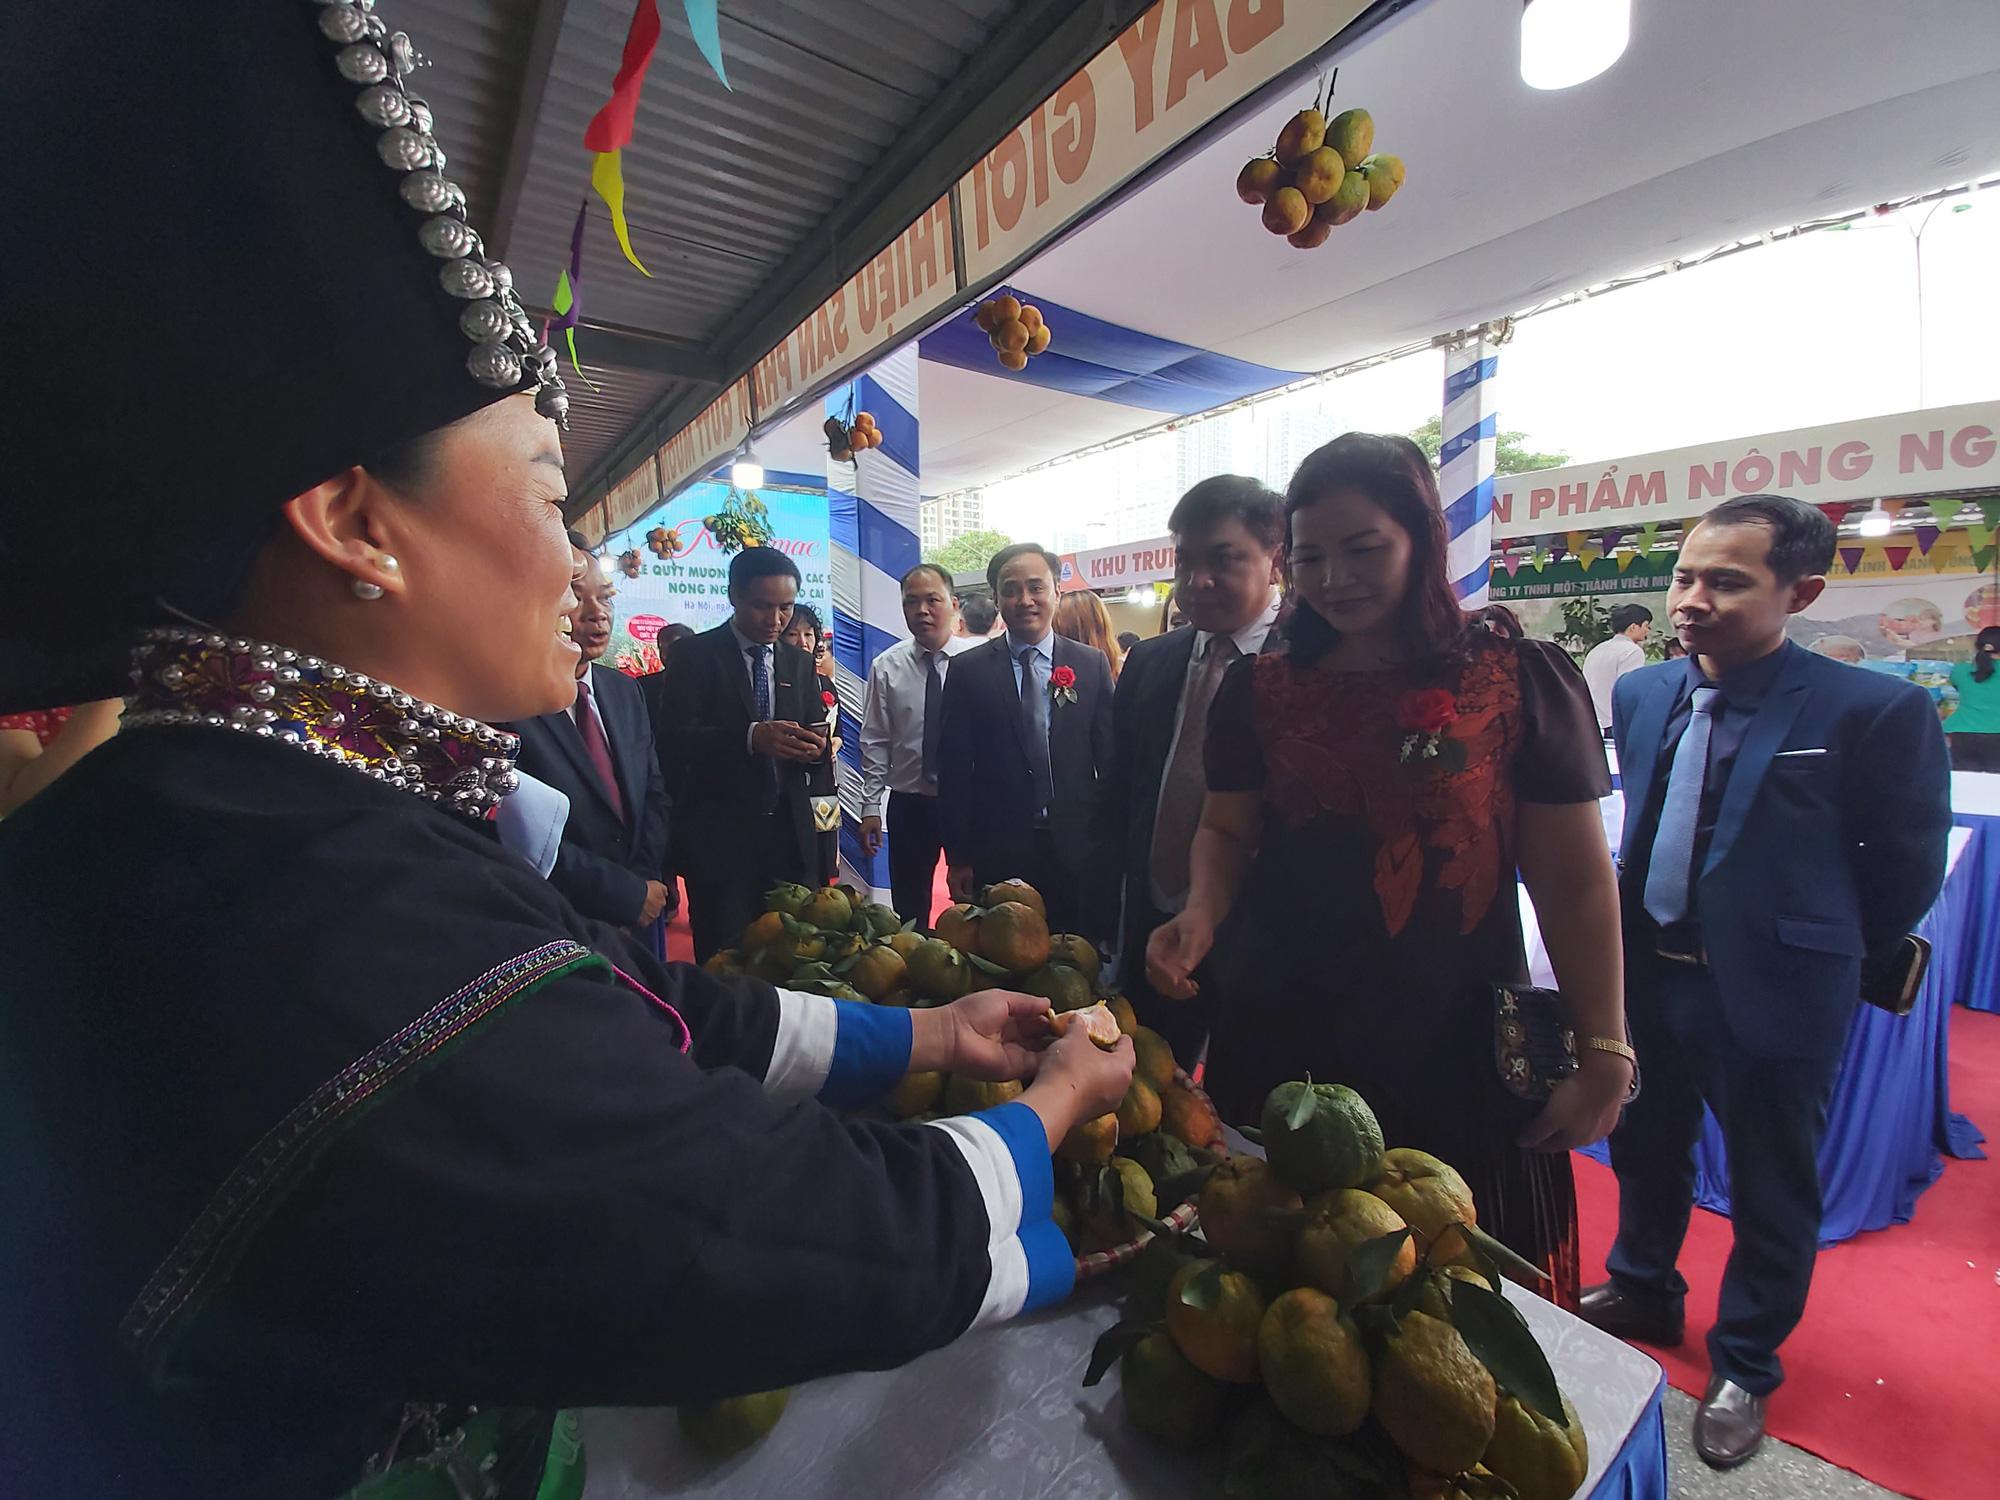 """Quýt ngọt, gạo Séng Cù, bưởi Múc...của huyện Mường Khương """"đổ bộ"""" xuống Thủ đô, người dân mê mẩn mua về ăn thử - Ảnh 10."""